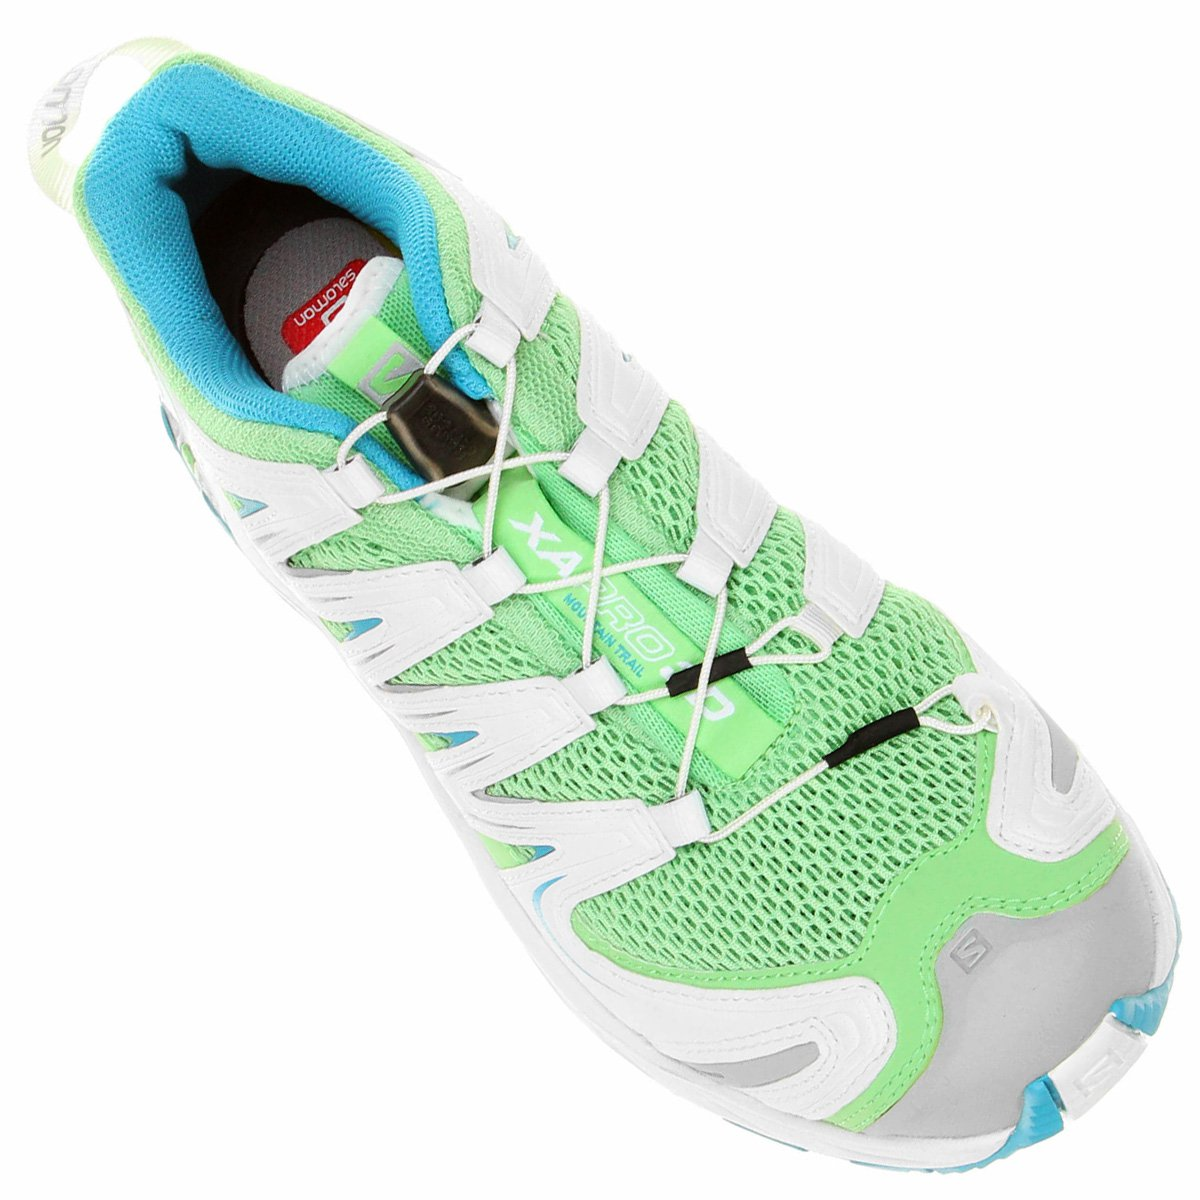 Claro Pro Tênis Salomon Salomon Tênis Branco XA Verde 3D e IxwBgxF0